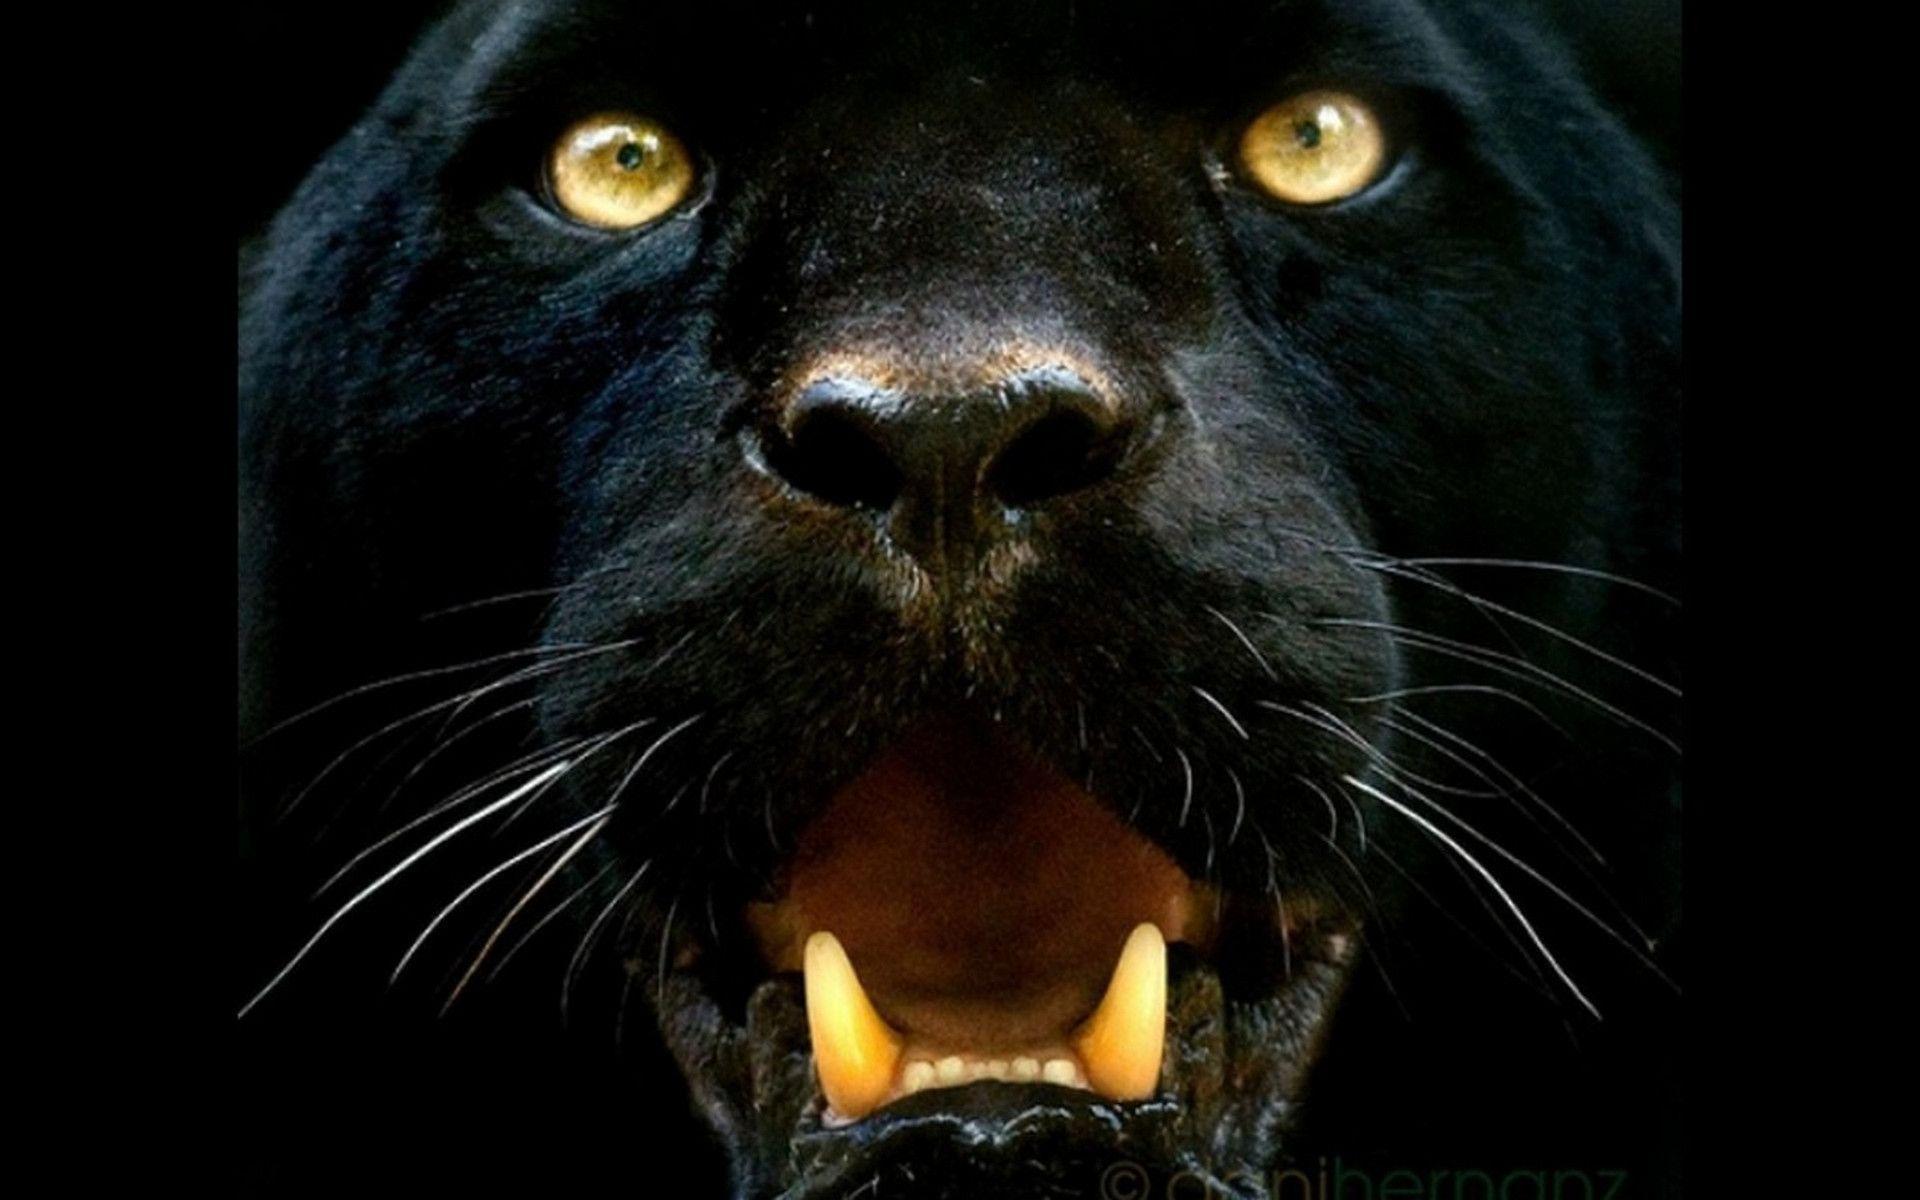 Black Panther Animal Wallpapers - Top Free Black Panther ...